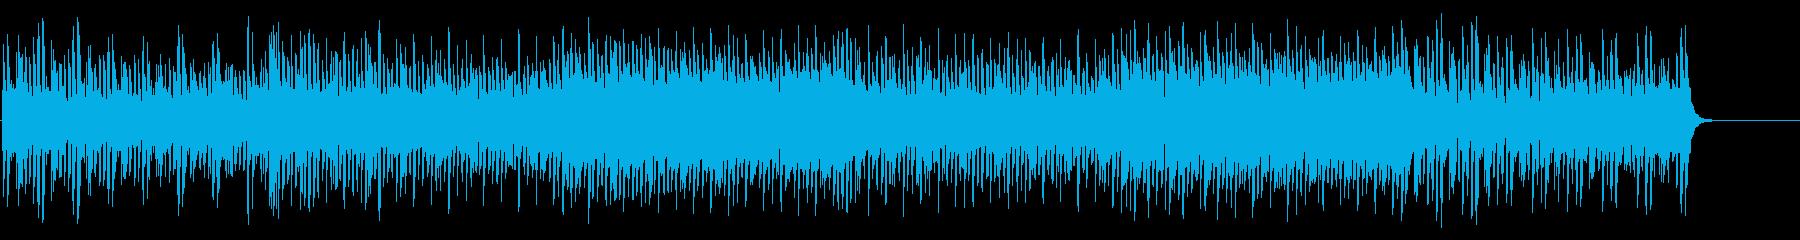 ゲームブリッジ風淡々としたテクノポップの再生済みの波形